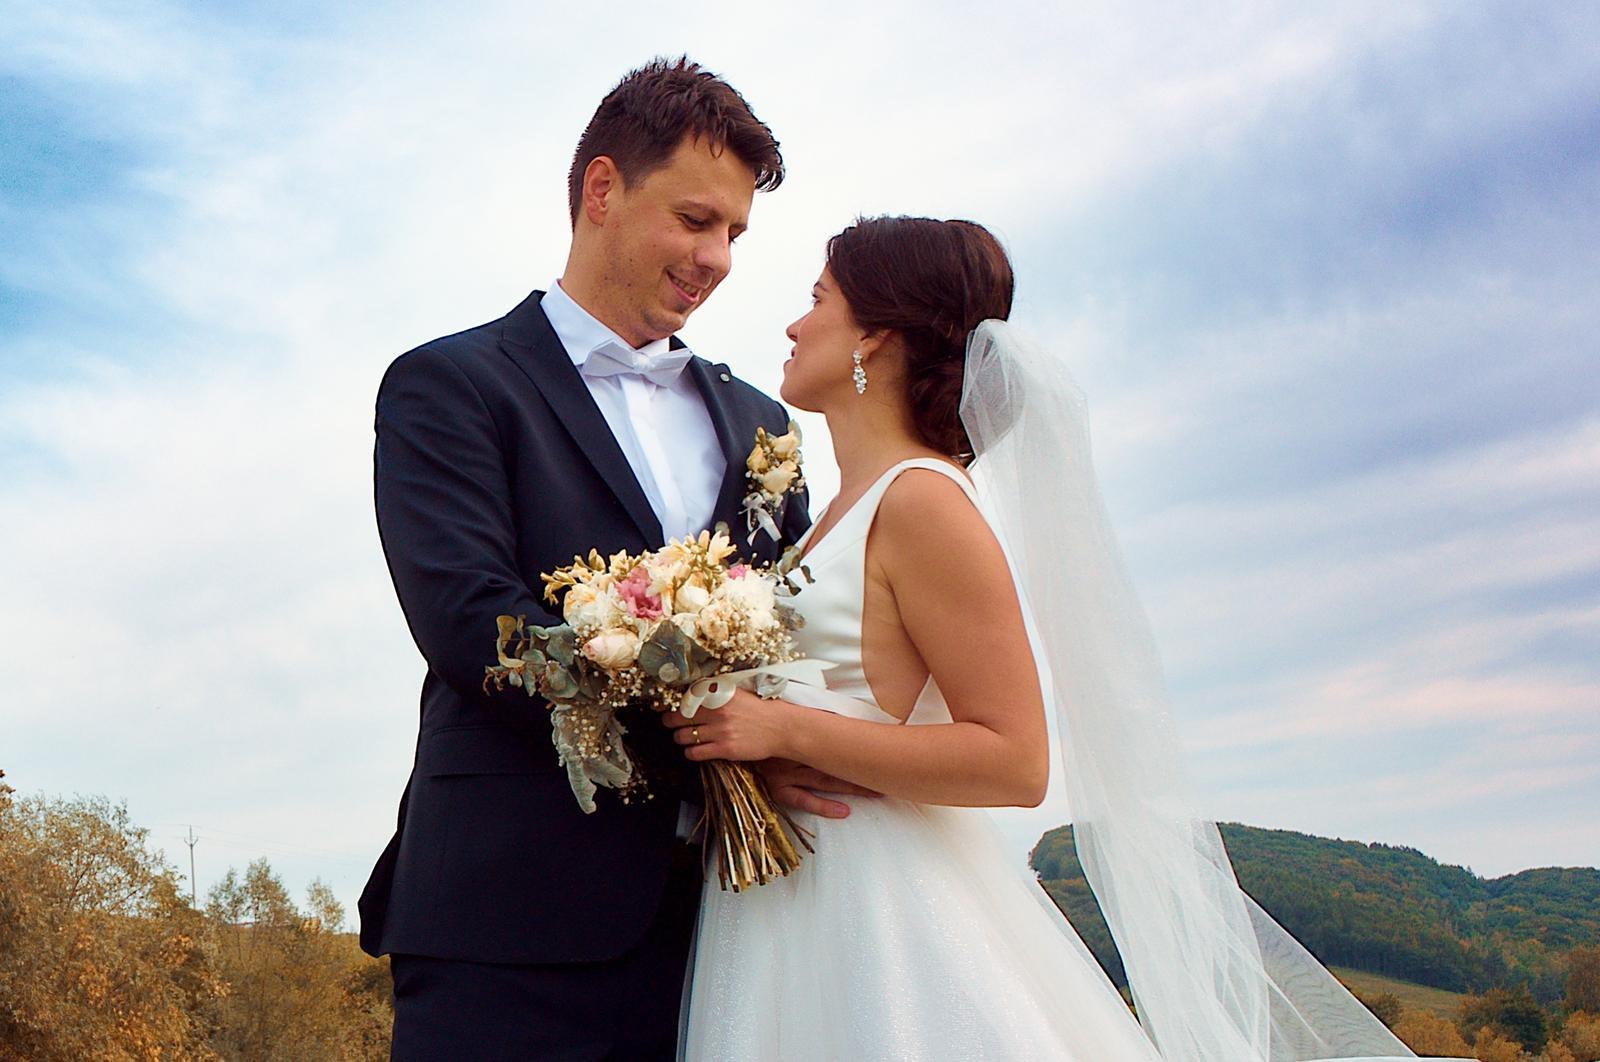 Svadobné fotenie - Obrázok č. 2